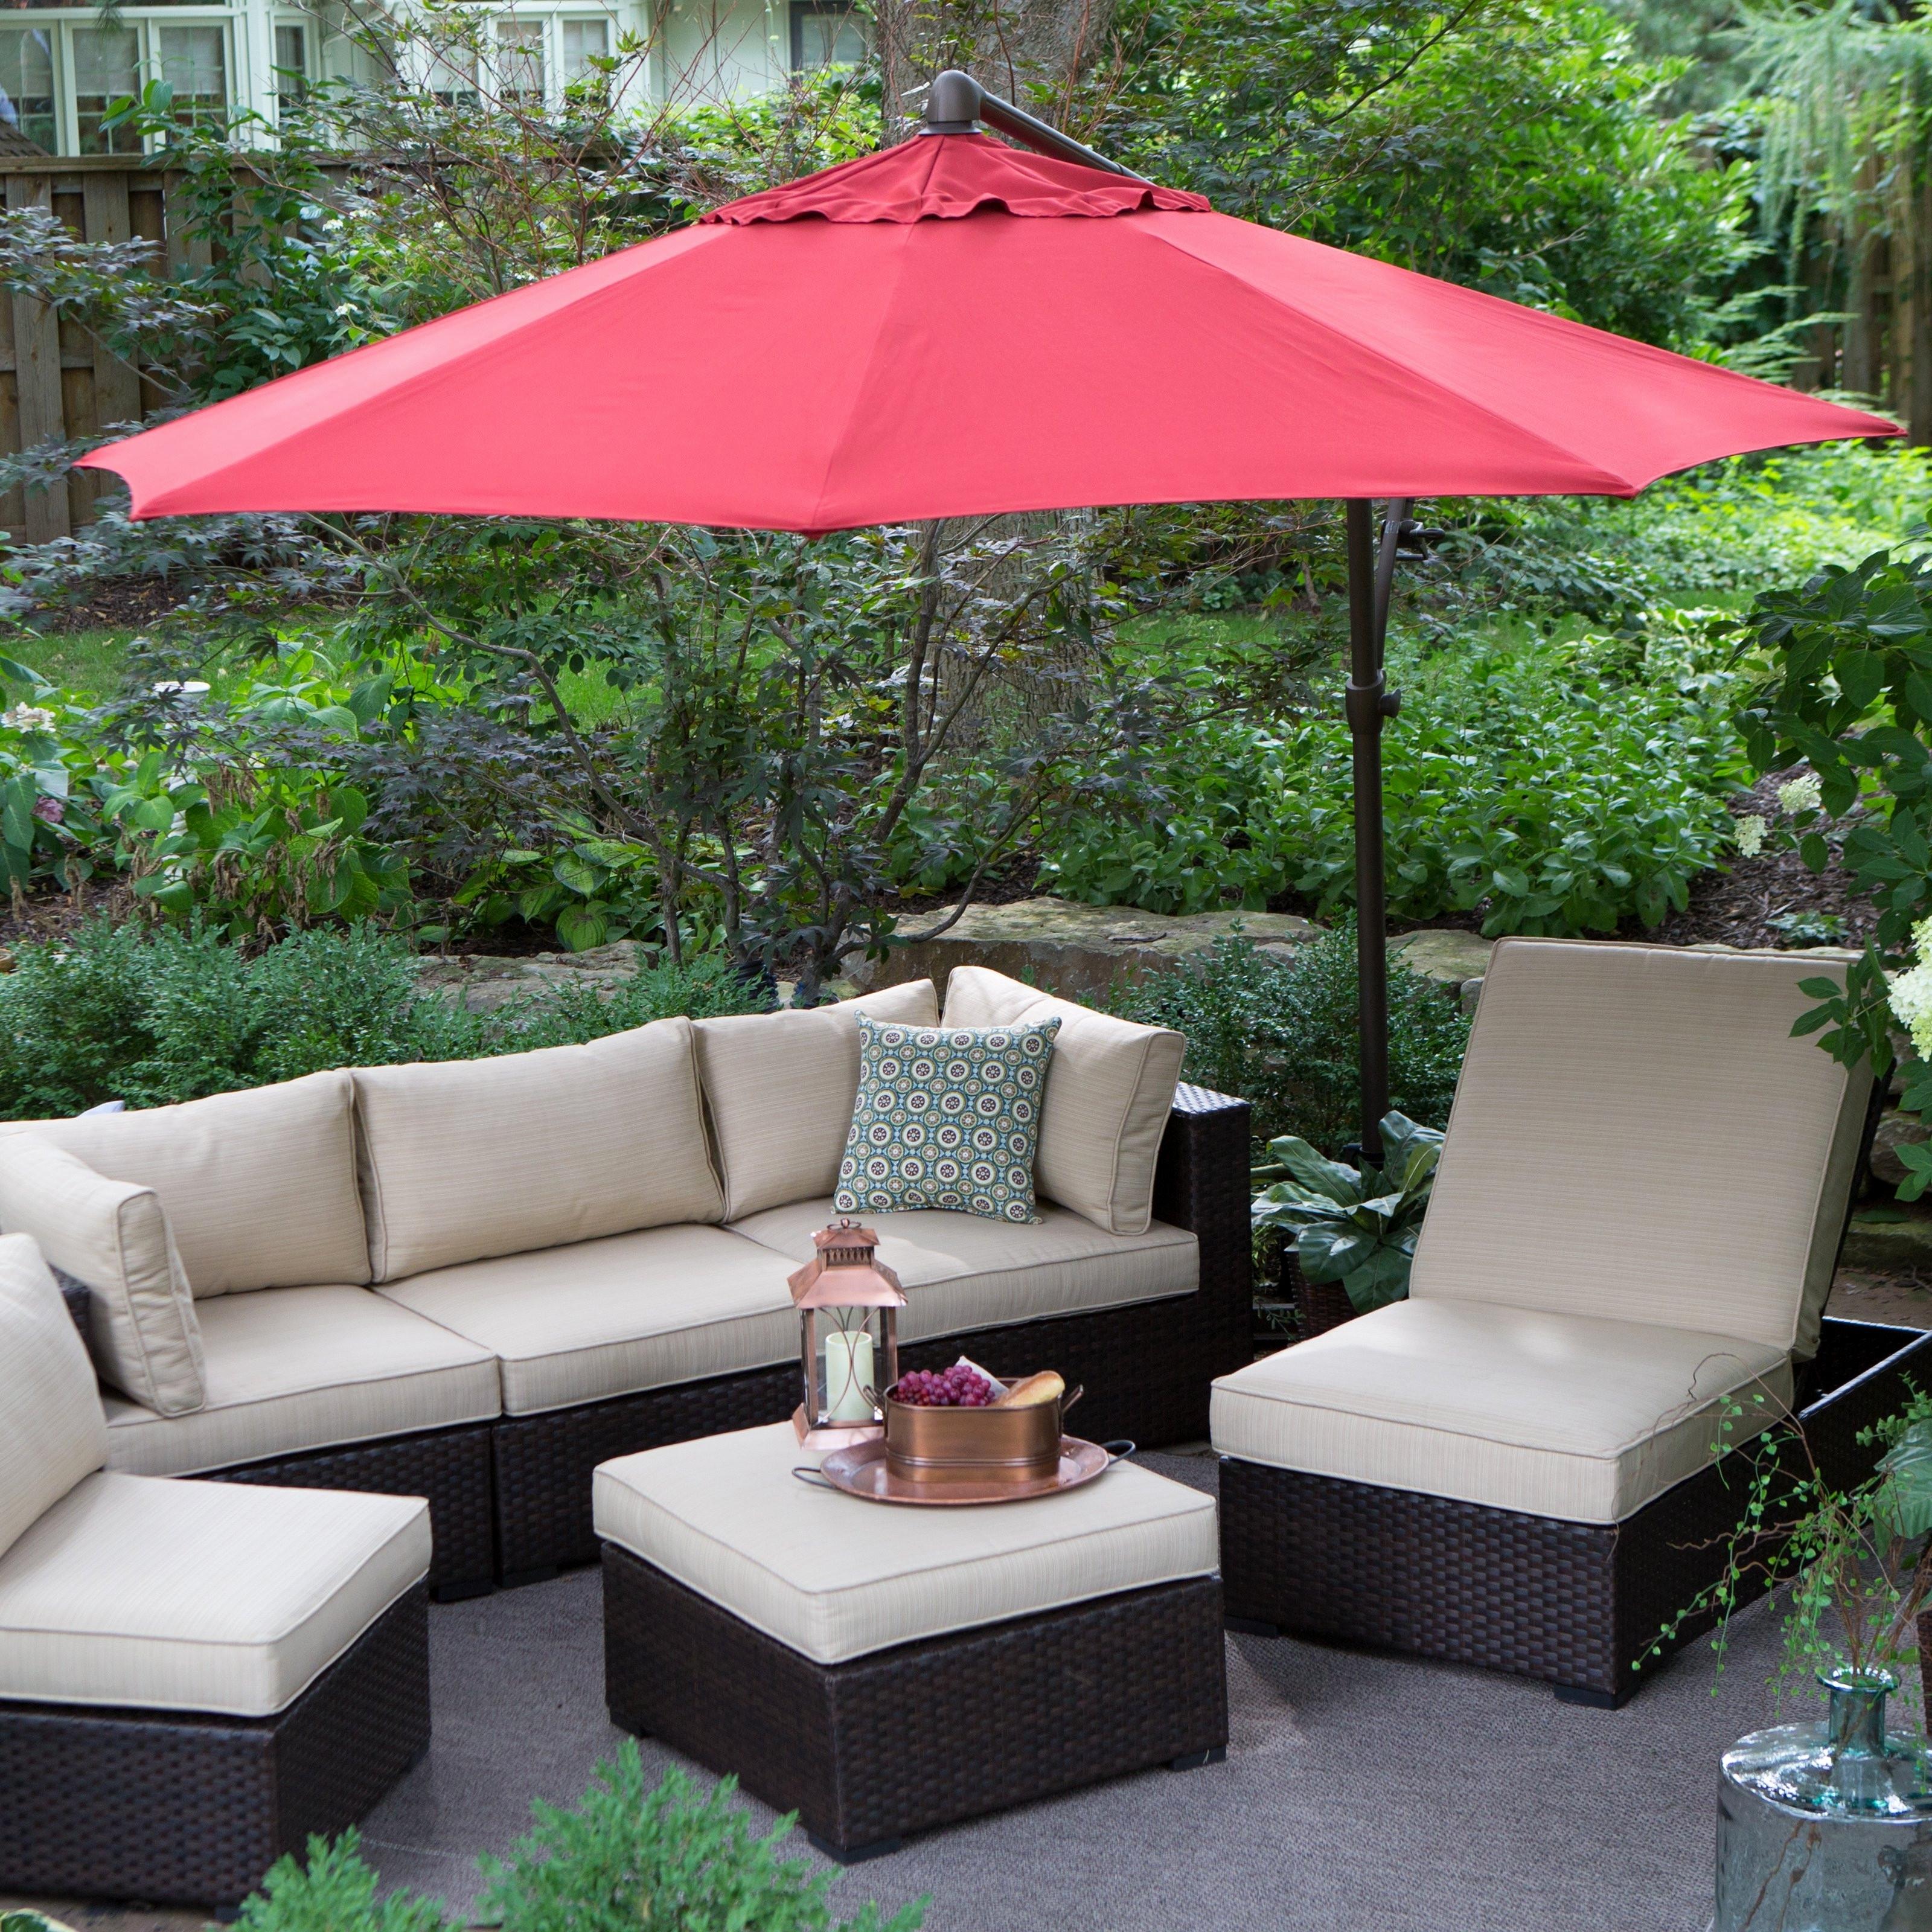 20 Elegant Patio Furniture Umbrella Parts From 13 Garden Treasures In Most Recently Released Garden Treasures Patio Umbrellas (Gallery 13 of 20)